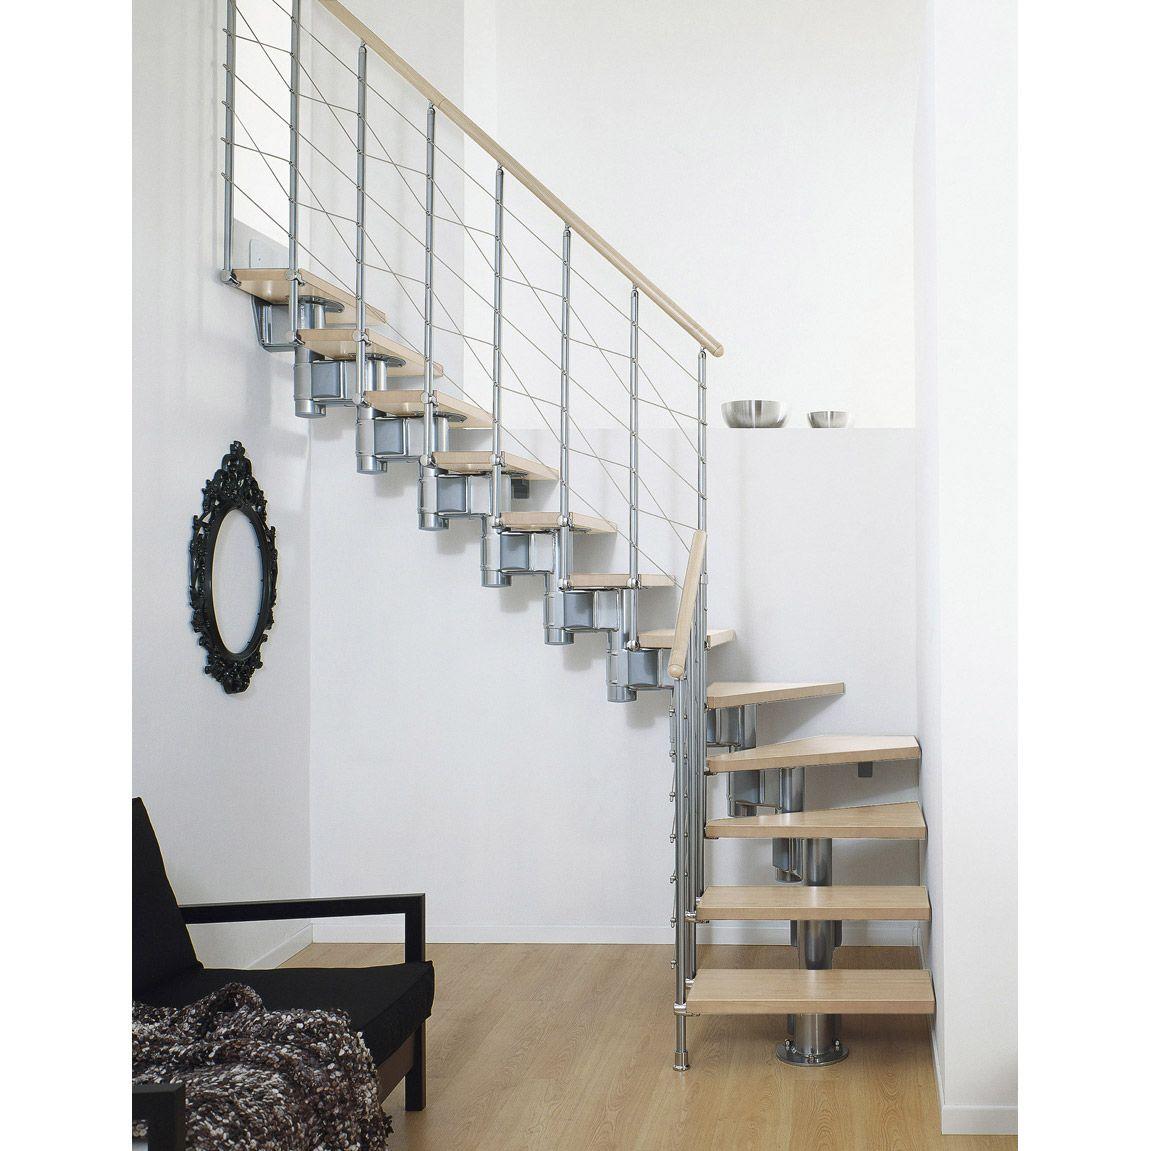 Escalier Modulaire En Bois Metal Longline Pixima Escalier